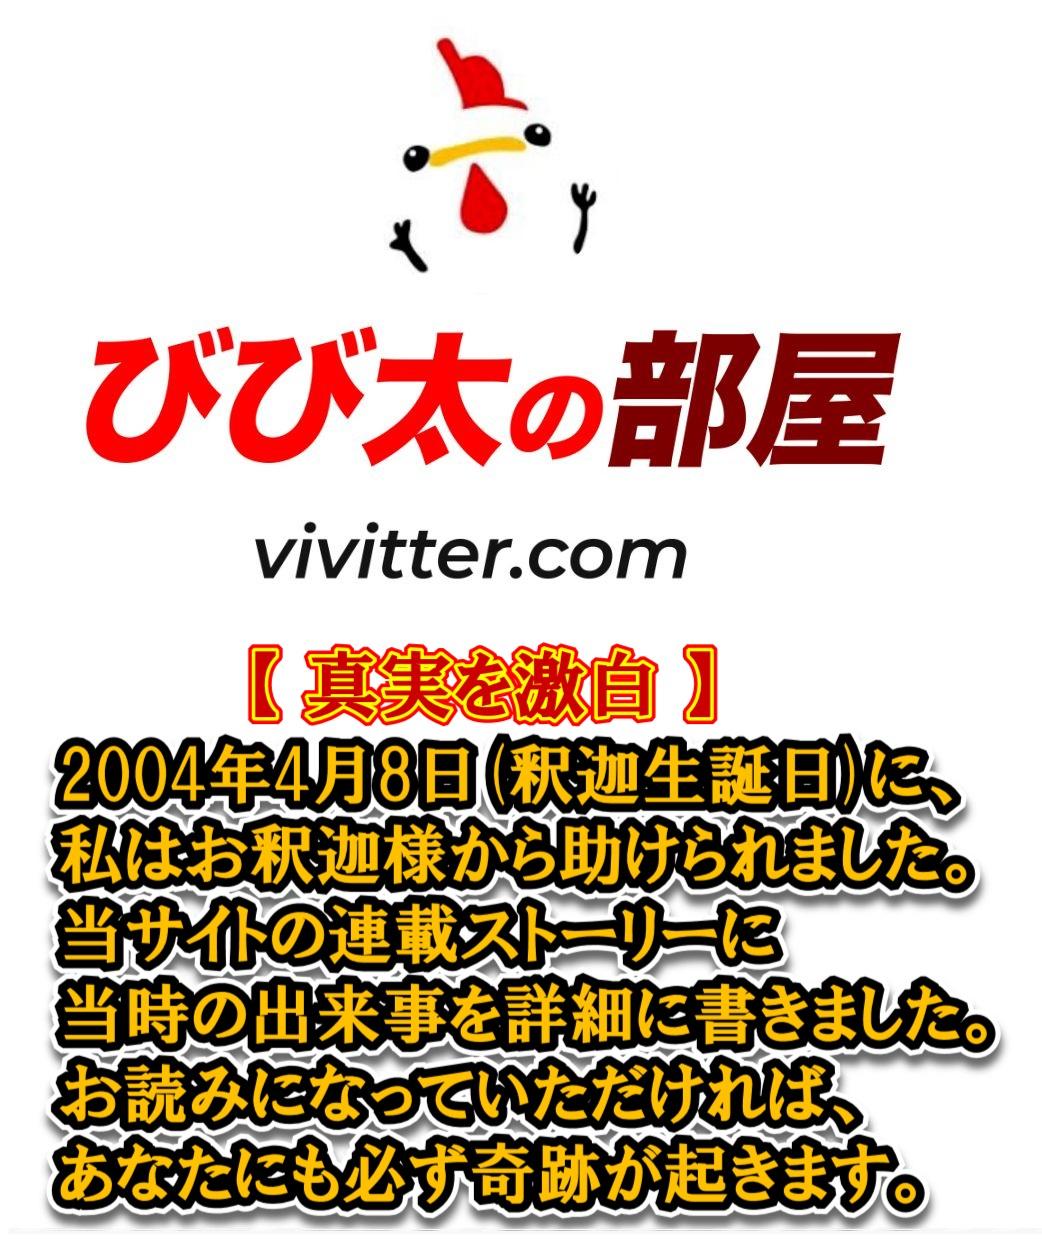 びび太の部屋 - vivitter.com